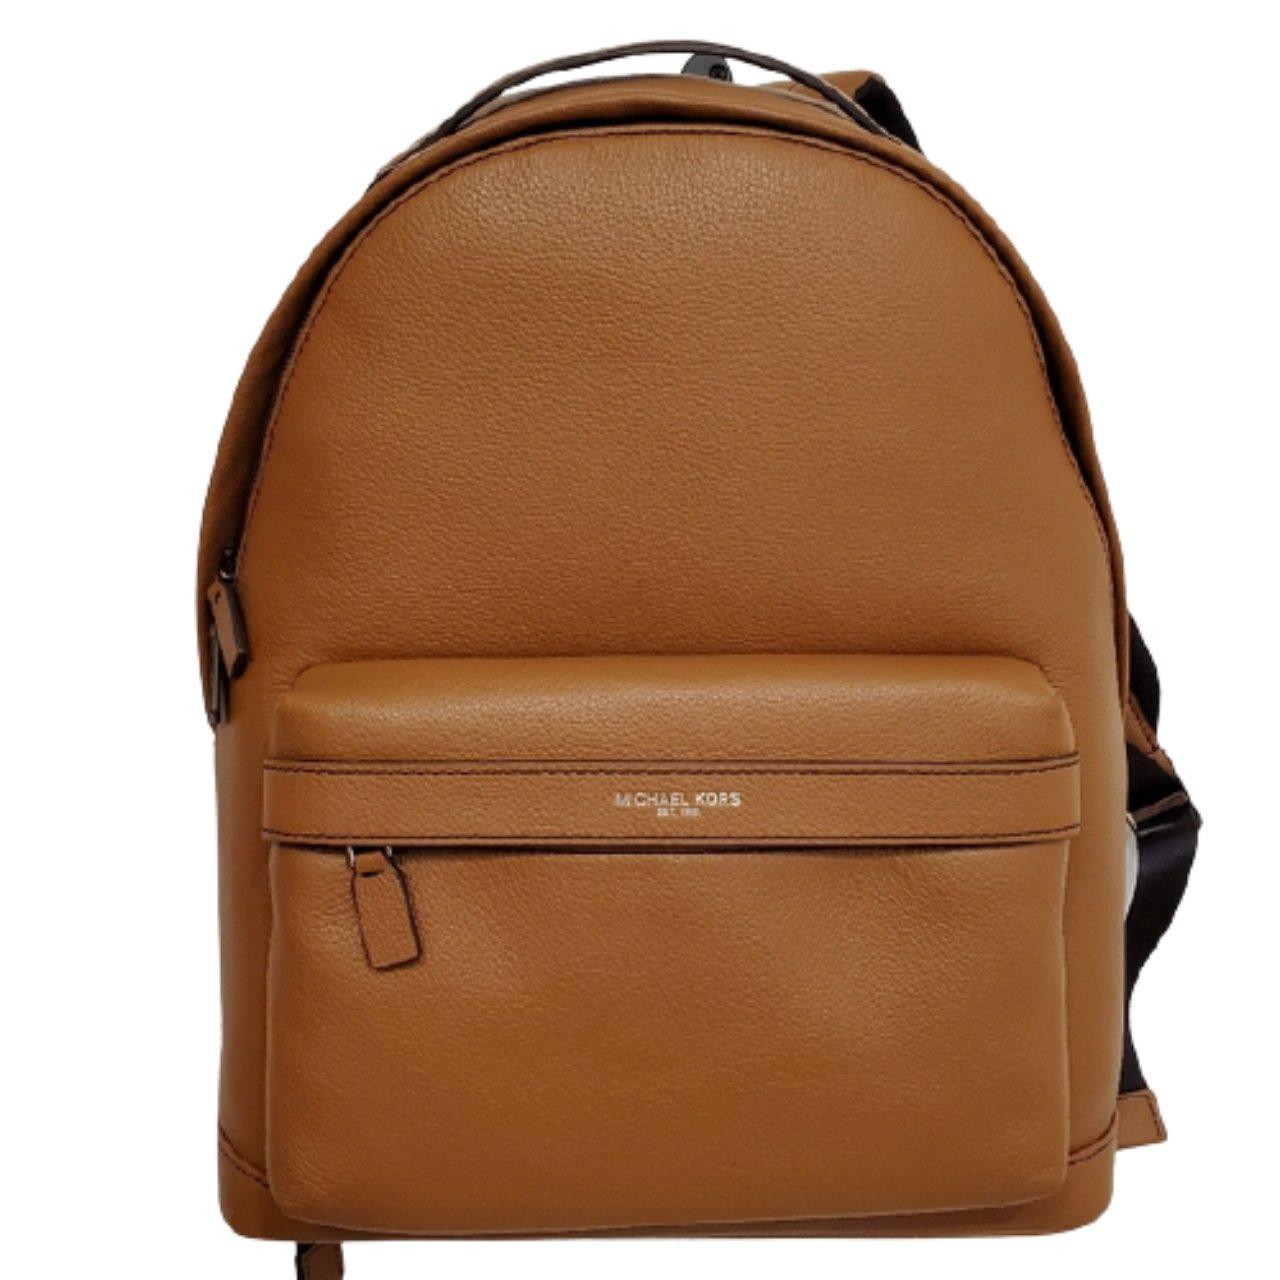 Michael Kors Women's Russel Backpack Brown MK30403